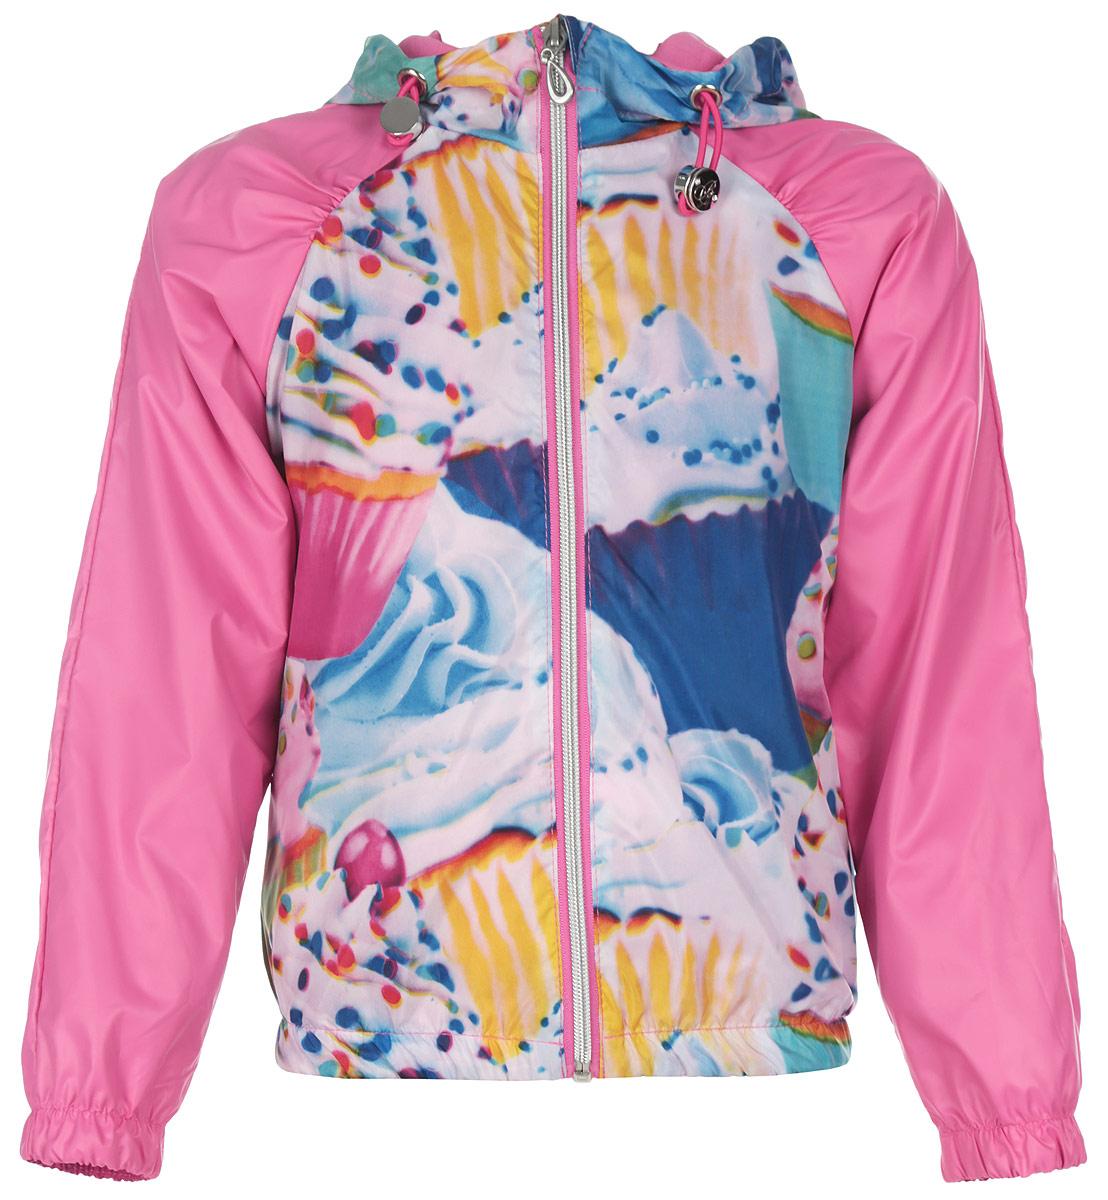 Куртка для девочки. 63543_BOG63543Стильная куртка для девочки Boom! идеально подойдет вашему ребенку в прохладную погоду. Модель изготовлена из водонепроницаемой и ветрозащитной ткани, на подкладке из полиэстера с добавлением хлопка и вискозы. Она не сковывает движения малышки и позволяет коже дышать, не раздражает даже самую нежную и чувствительную кожу ребенка, обеспечивая ему наибольший комфорт. Куртка с капюшоном застегивается на пластиковую застежку-молнию и дополнительно имеет защиту подбородка и ветрозащитную планку. Капюшон не отстегивается и по краю дополнен скрытой эластичной резинкой с металлическими стопперами. При необходимости его можно собрать и зафиксировать при помощи хлястика на пуговицу. С обеих сторон имеются два прорезных кармашка. Понизу модель присборена на резинку, препятствующую проникновению холодного воздуха. На изделии предусмотрены светоотражающие элементы для безопасности ребенка в темное время суток. Оформлена куртка ярким оригинальным принтом. Оригинальный...